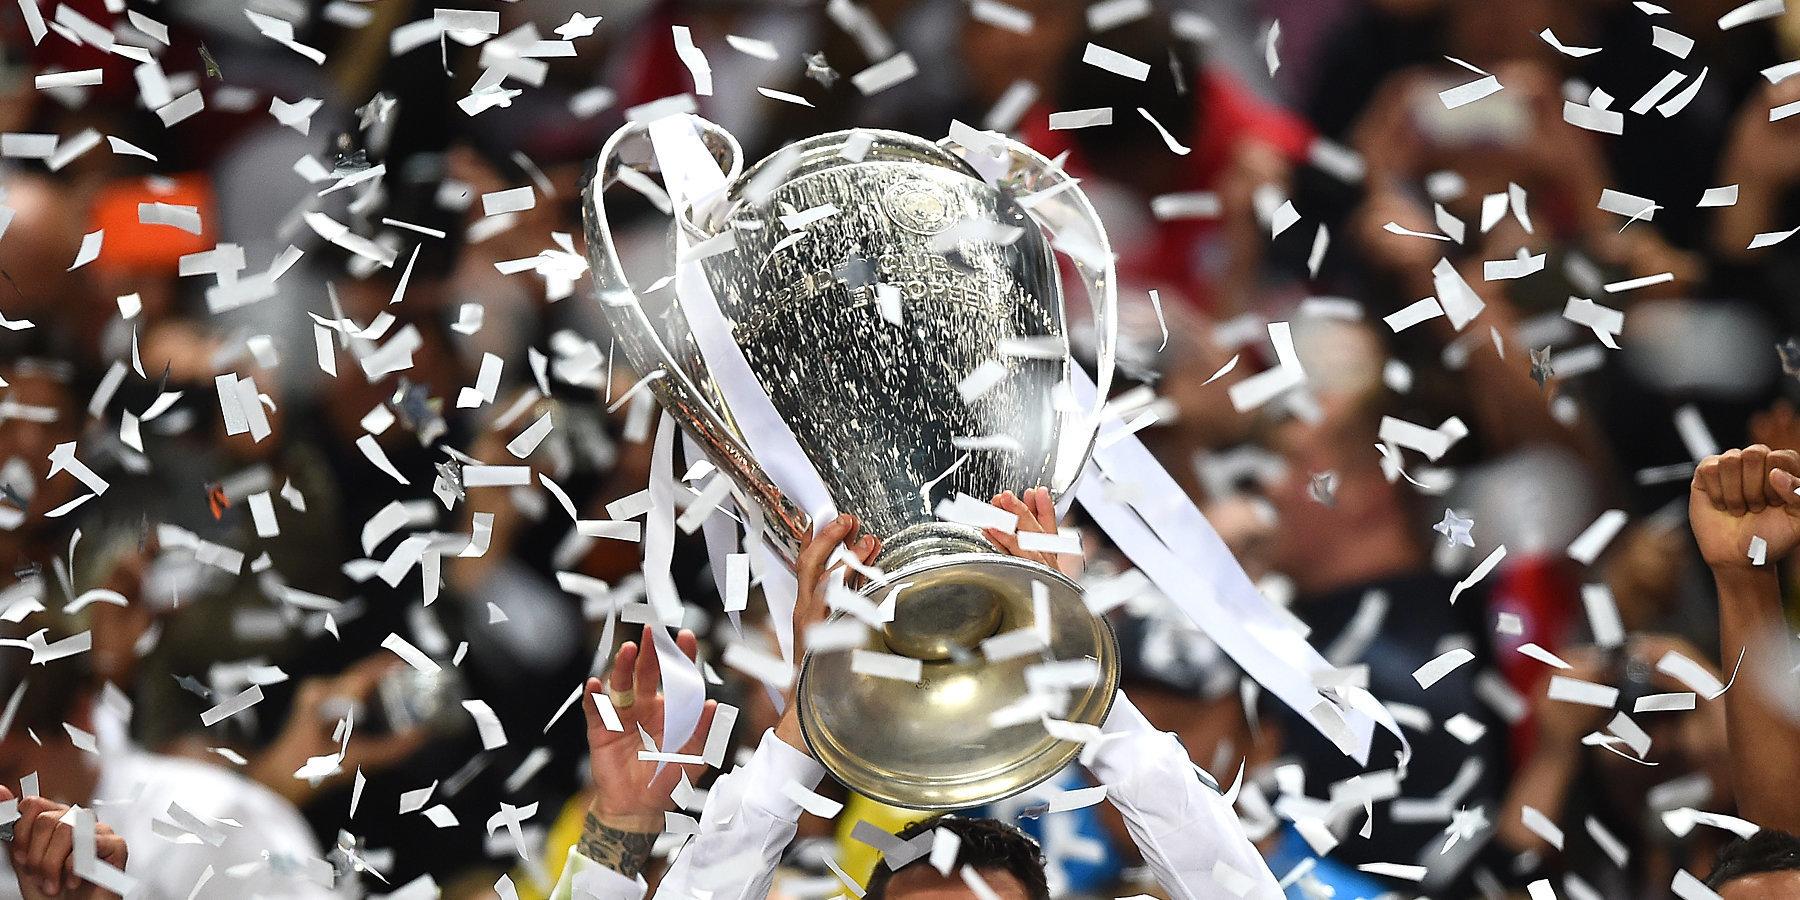 «Барселона», «Манчестер Юнайтед», «ПСЖ», «Бавария» иеще 12 клубов планируют сделать  Суперлигу